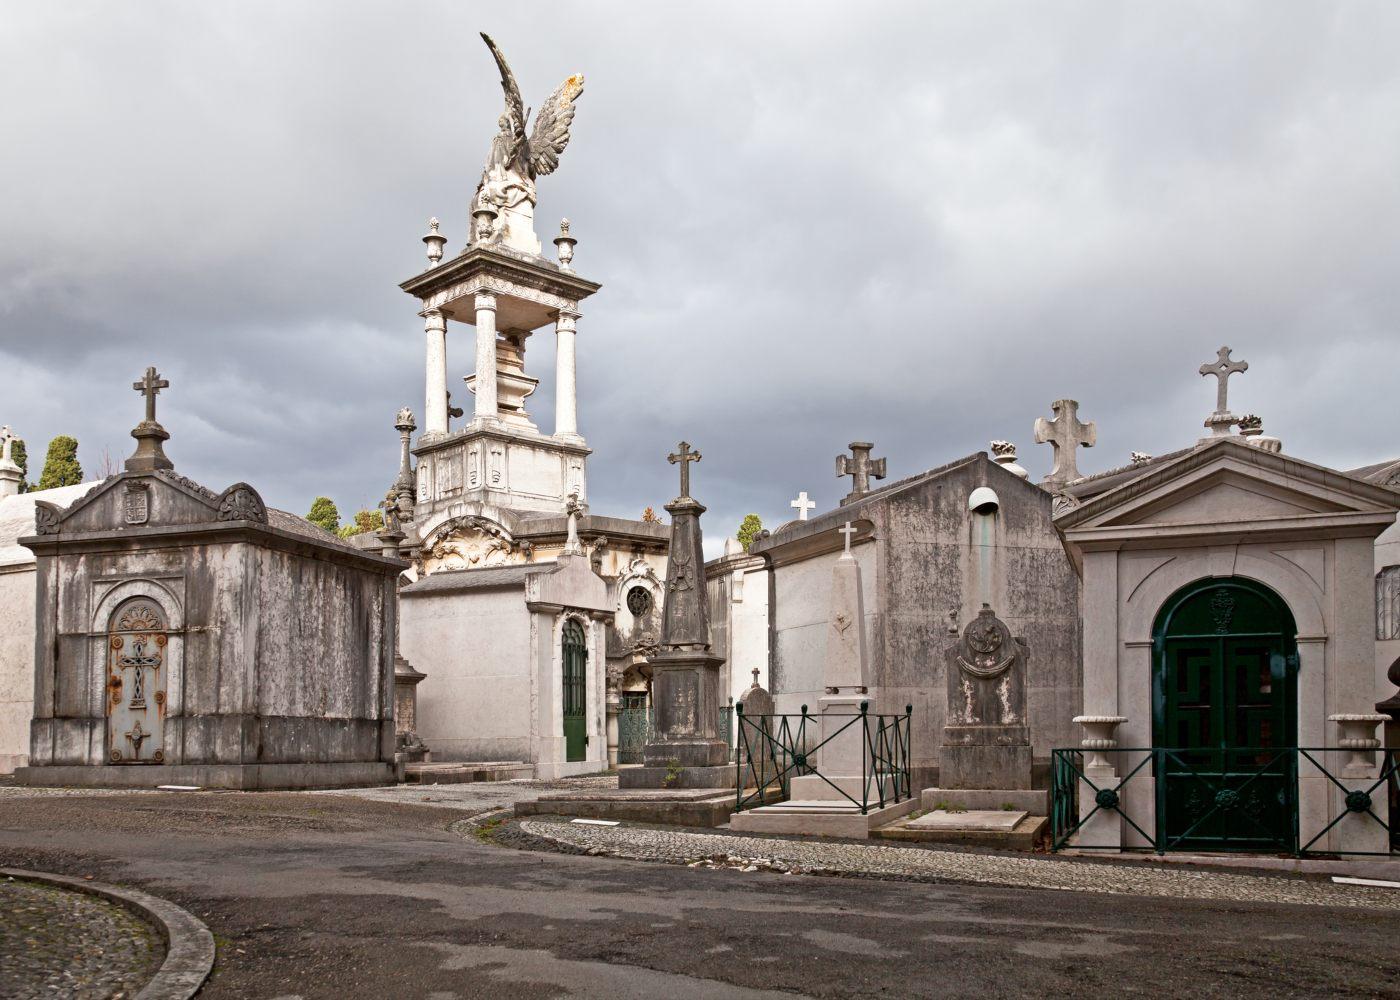 Cemitério dos Prazeres em Lisboa